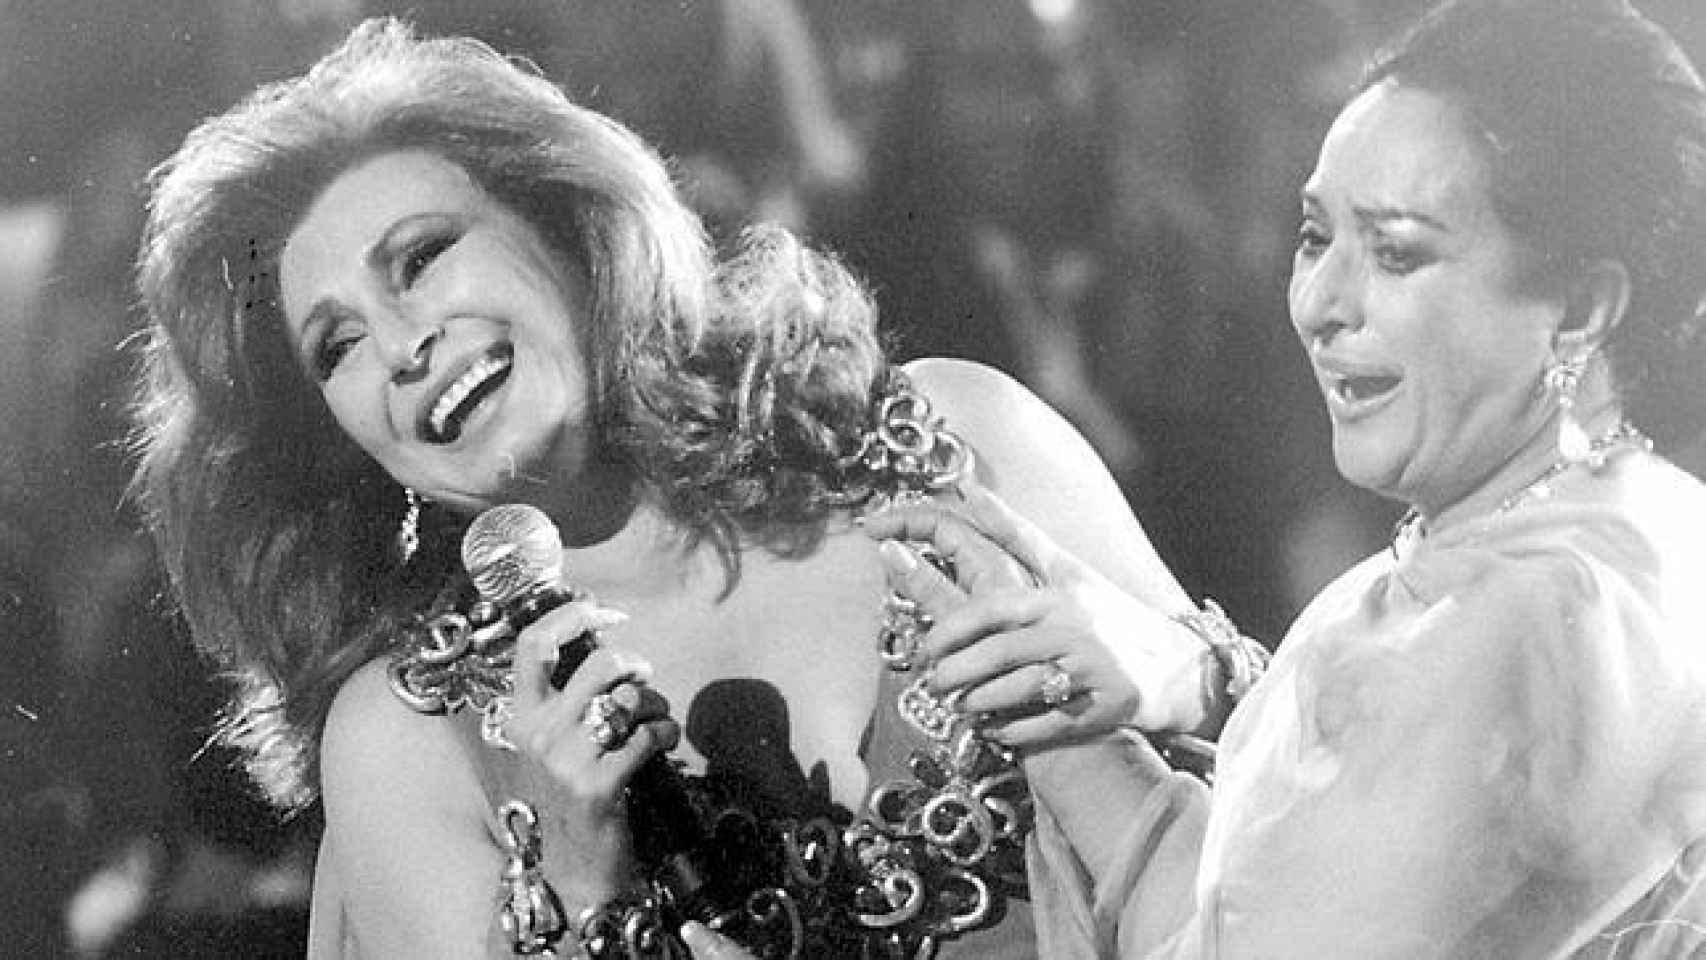 Dos feministas míticas, Rocío Jurado y Lola Flores, del mundo de la canción.